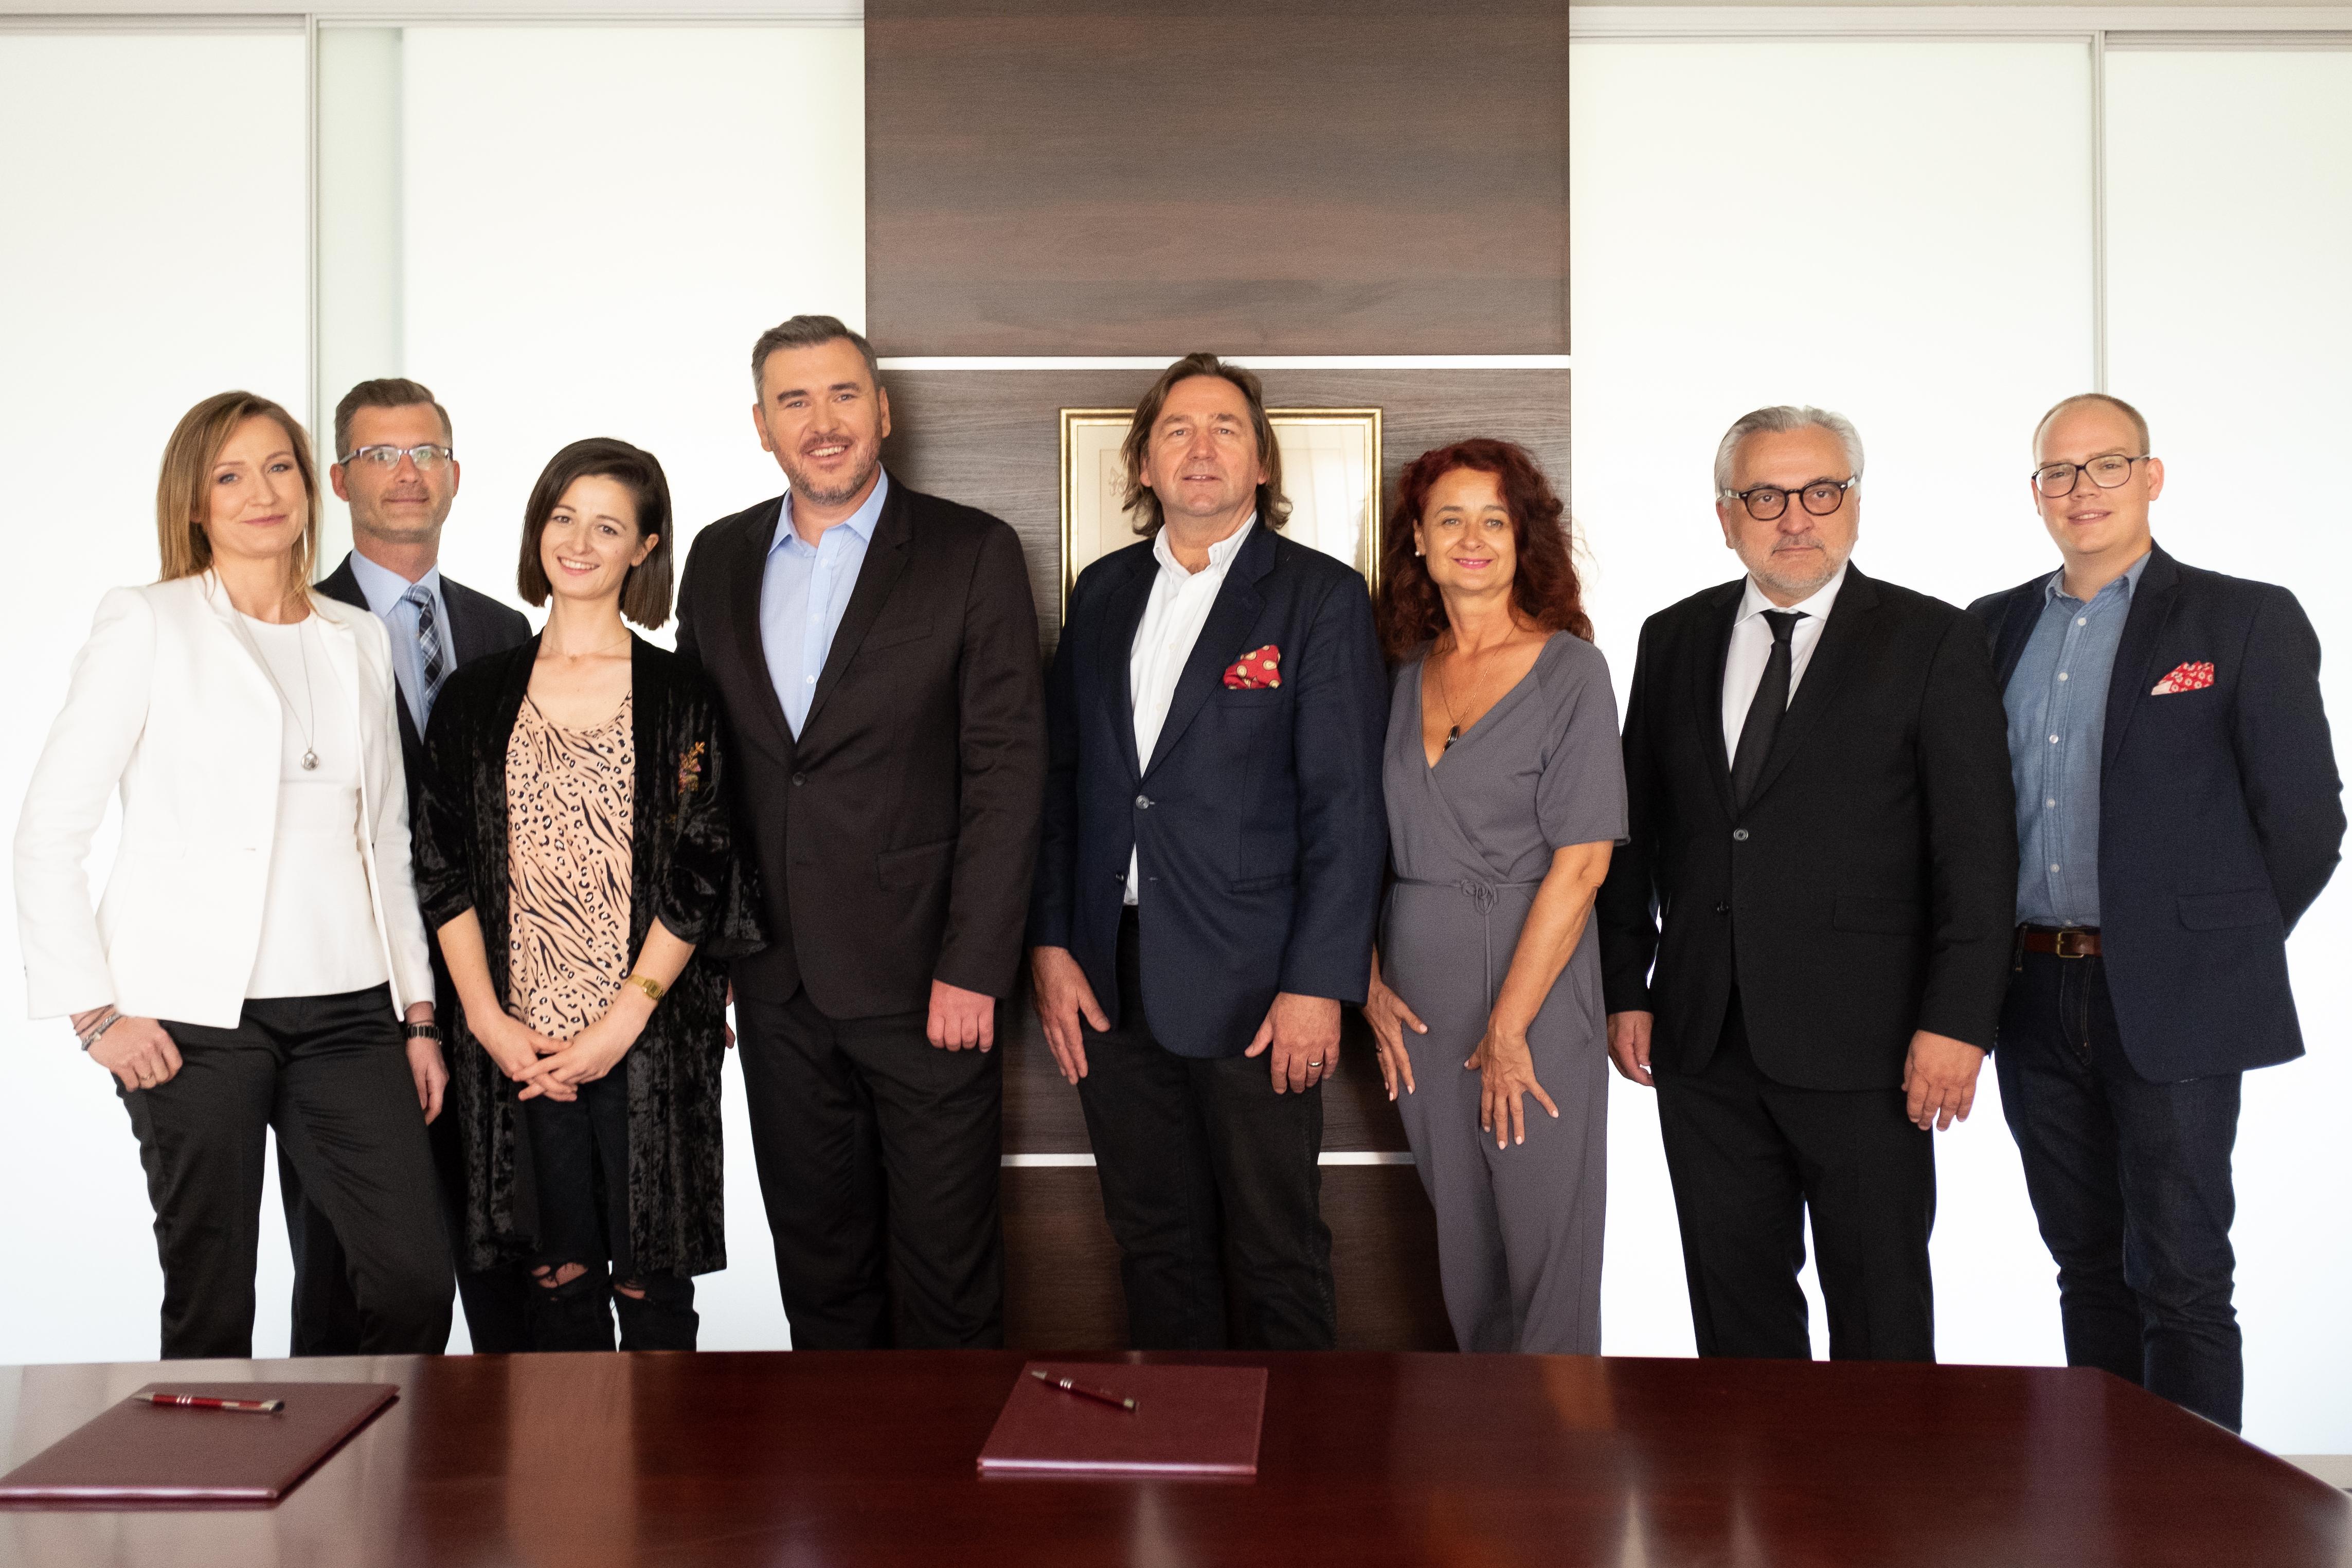 A. Brzozowska, T. Sobczak, S. Mazurek, J. Nowak, J. Mazurek, V. Mazurek, M. Malewicz, E. Madsen